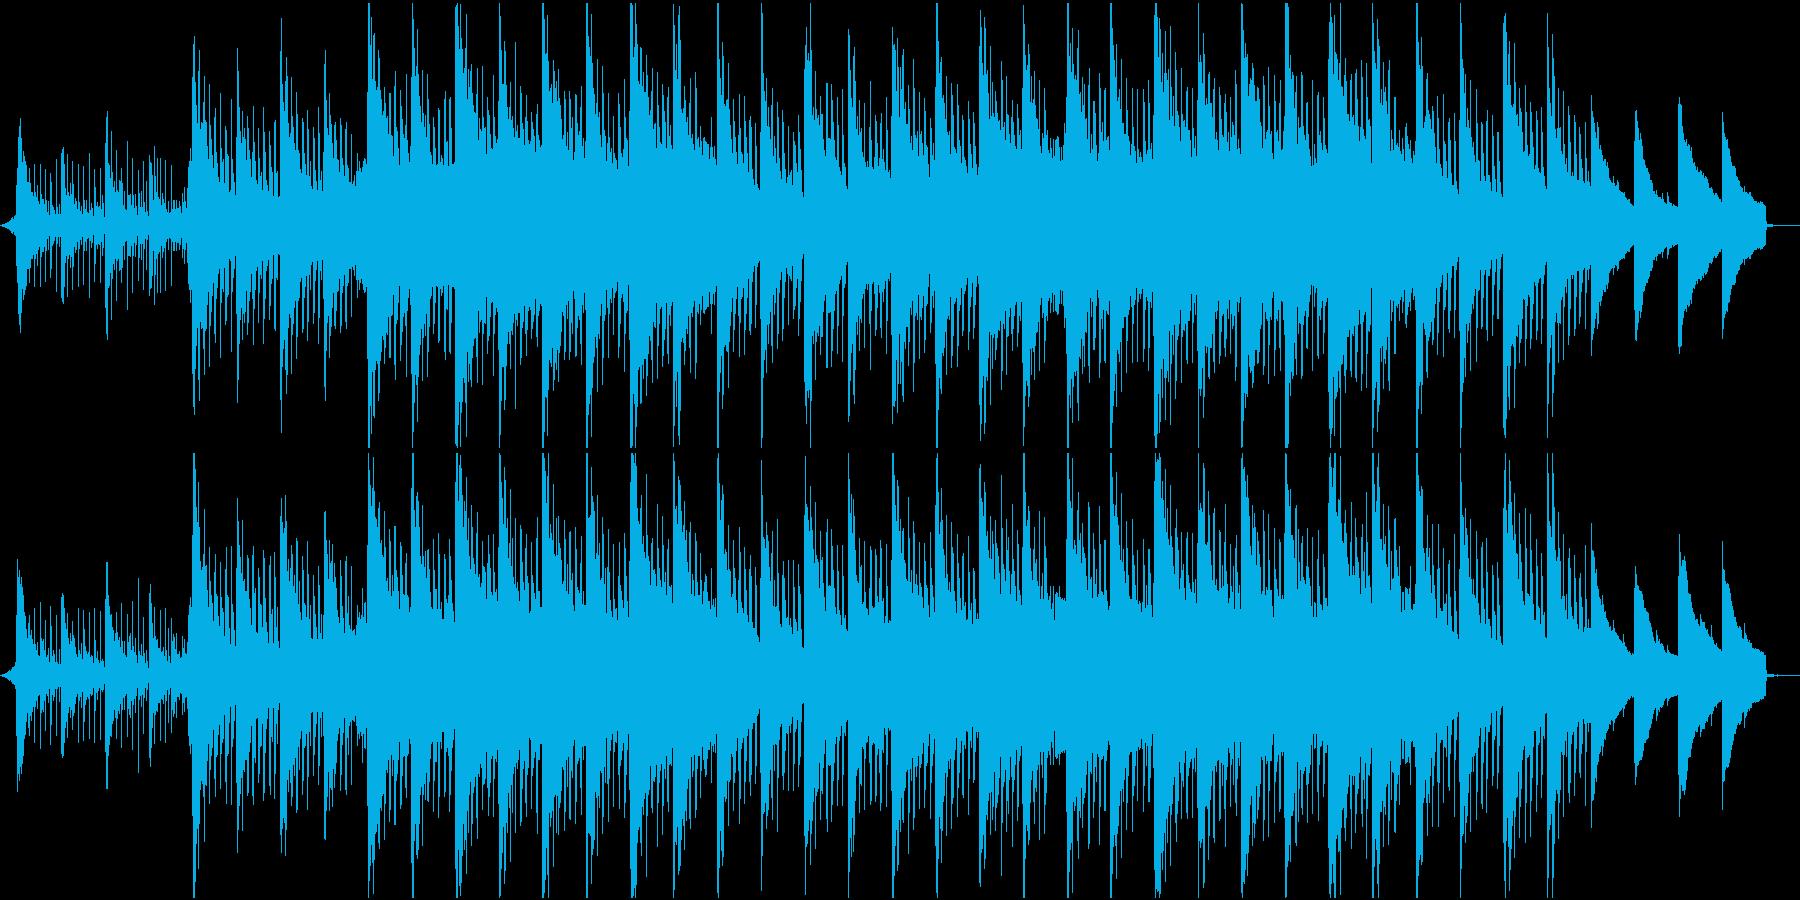 冬のサクラ、雪、初春のギターコーポレートの再生済みの波形